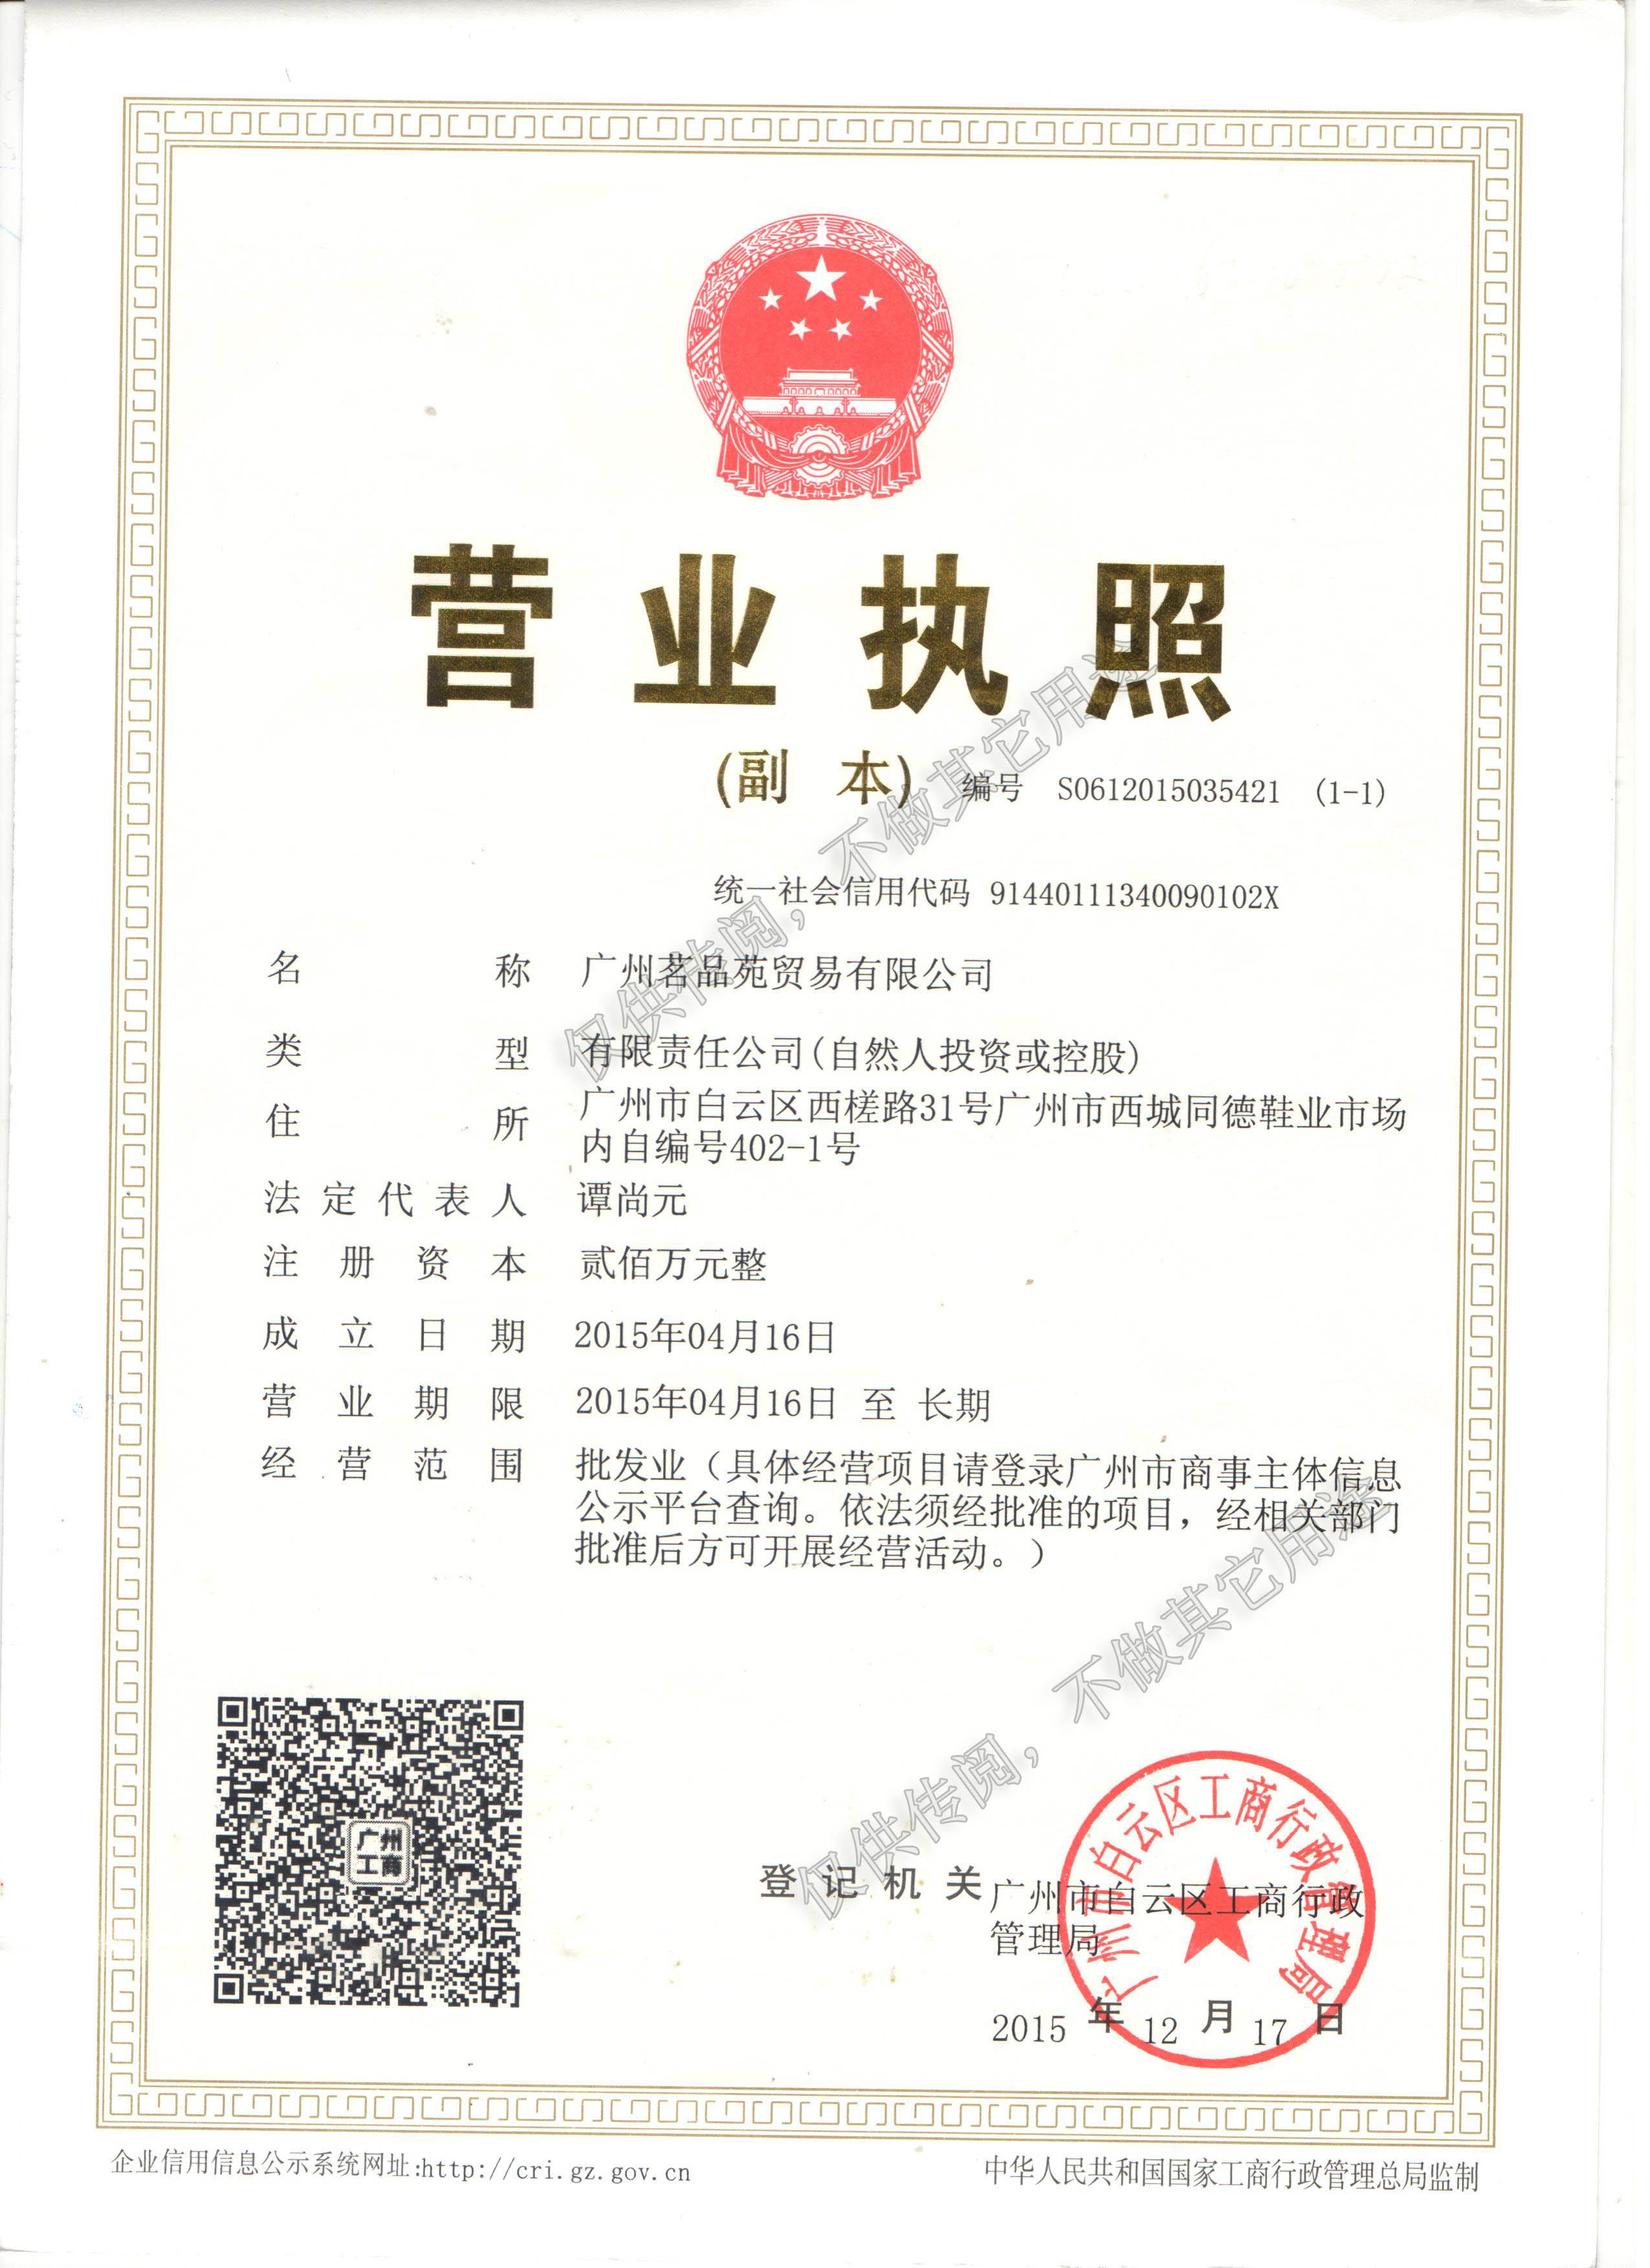 广州茗品苑贸易有限公司企业档案